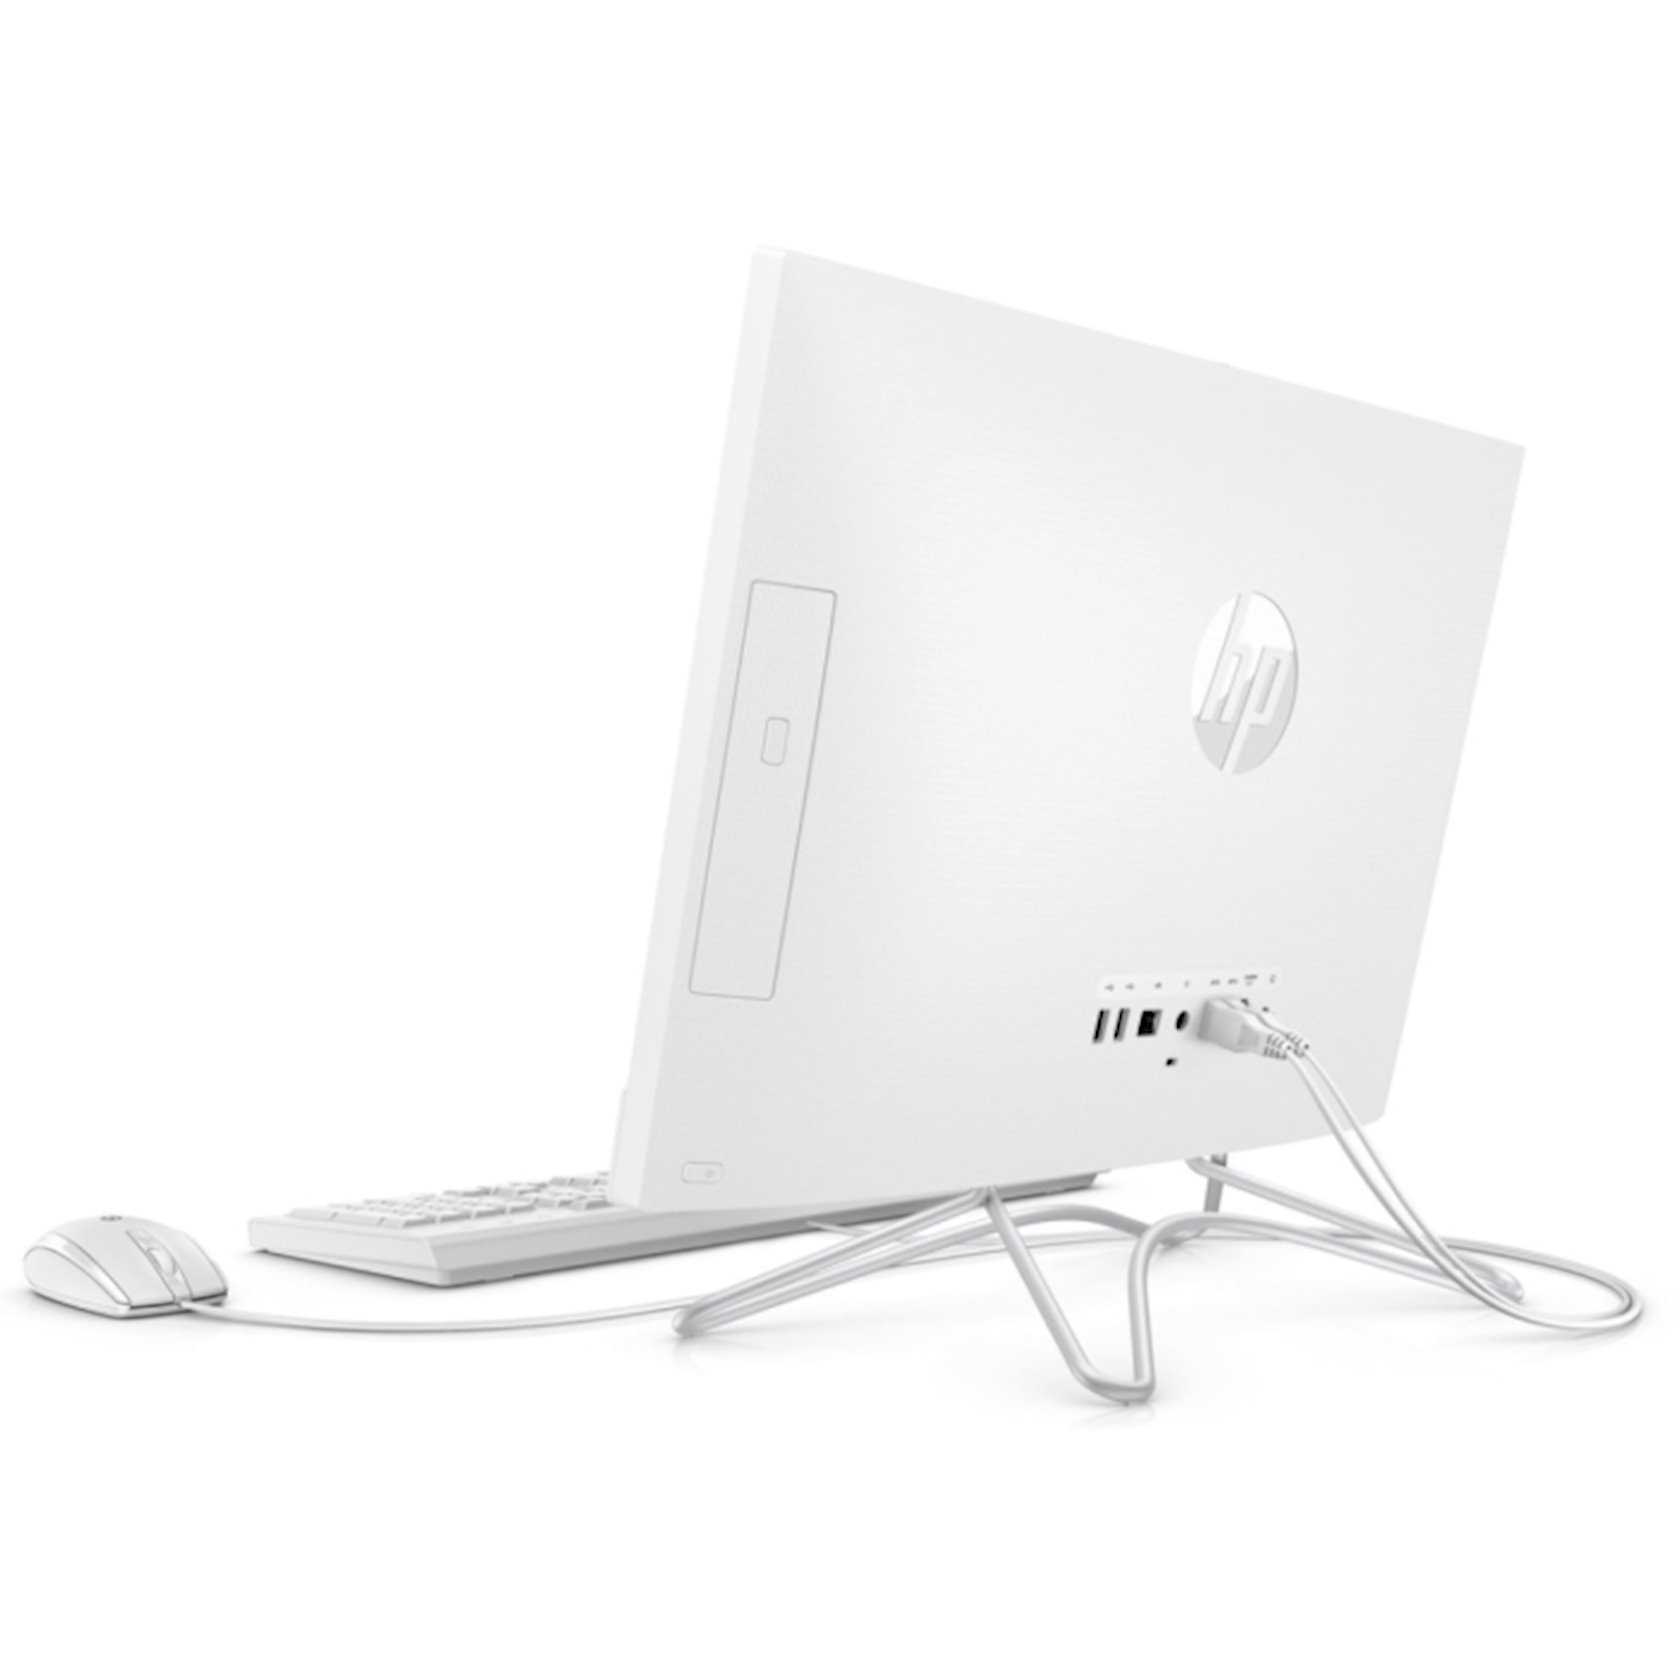 Monoblok HP 200 G4 22 All-in-One i3-10110U White